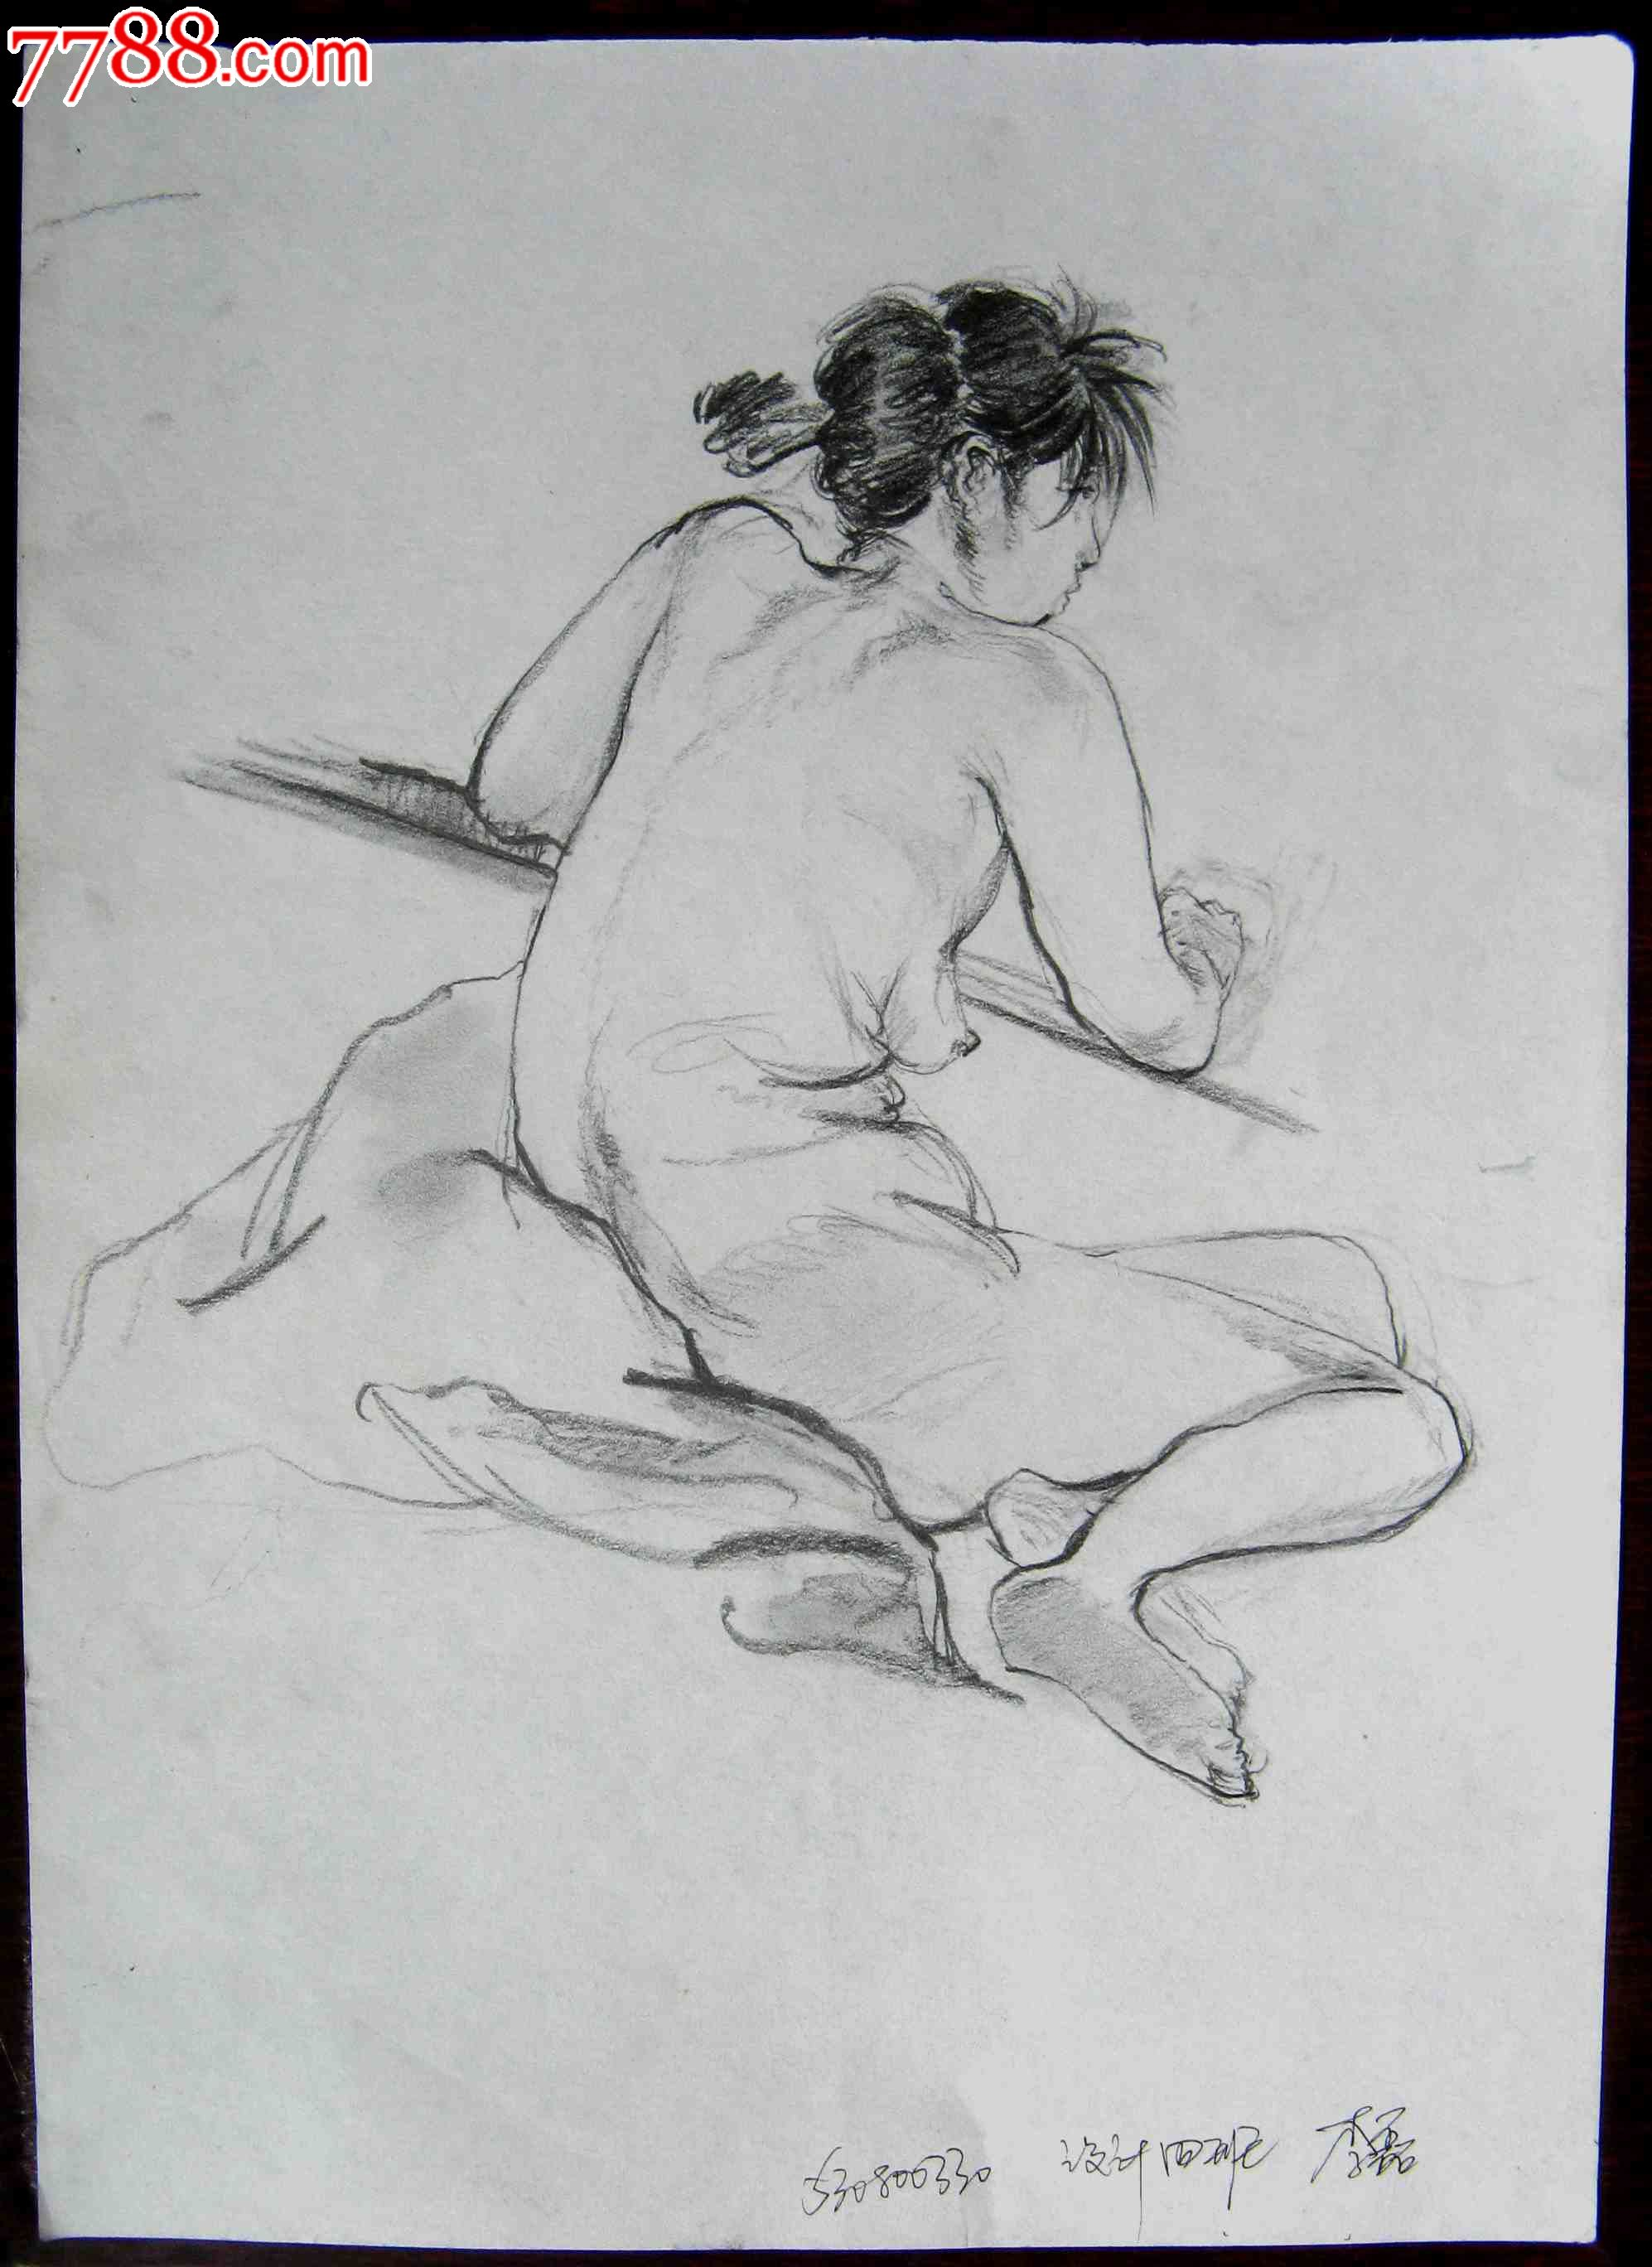 素描人物画:人体斜坐